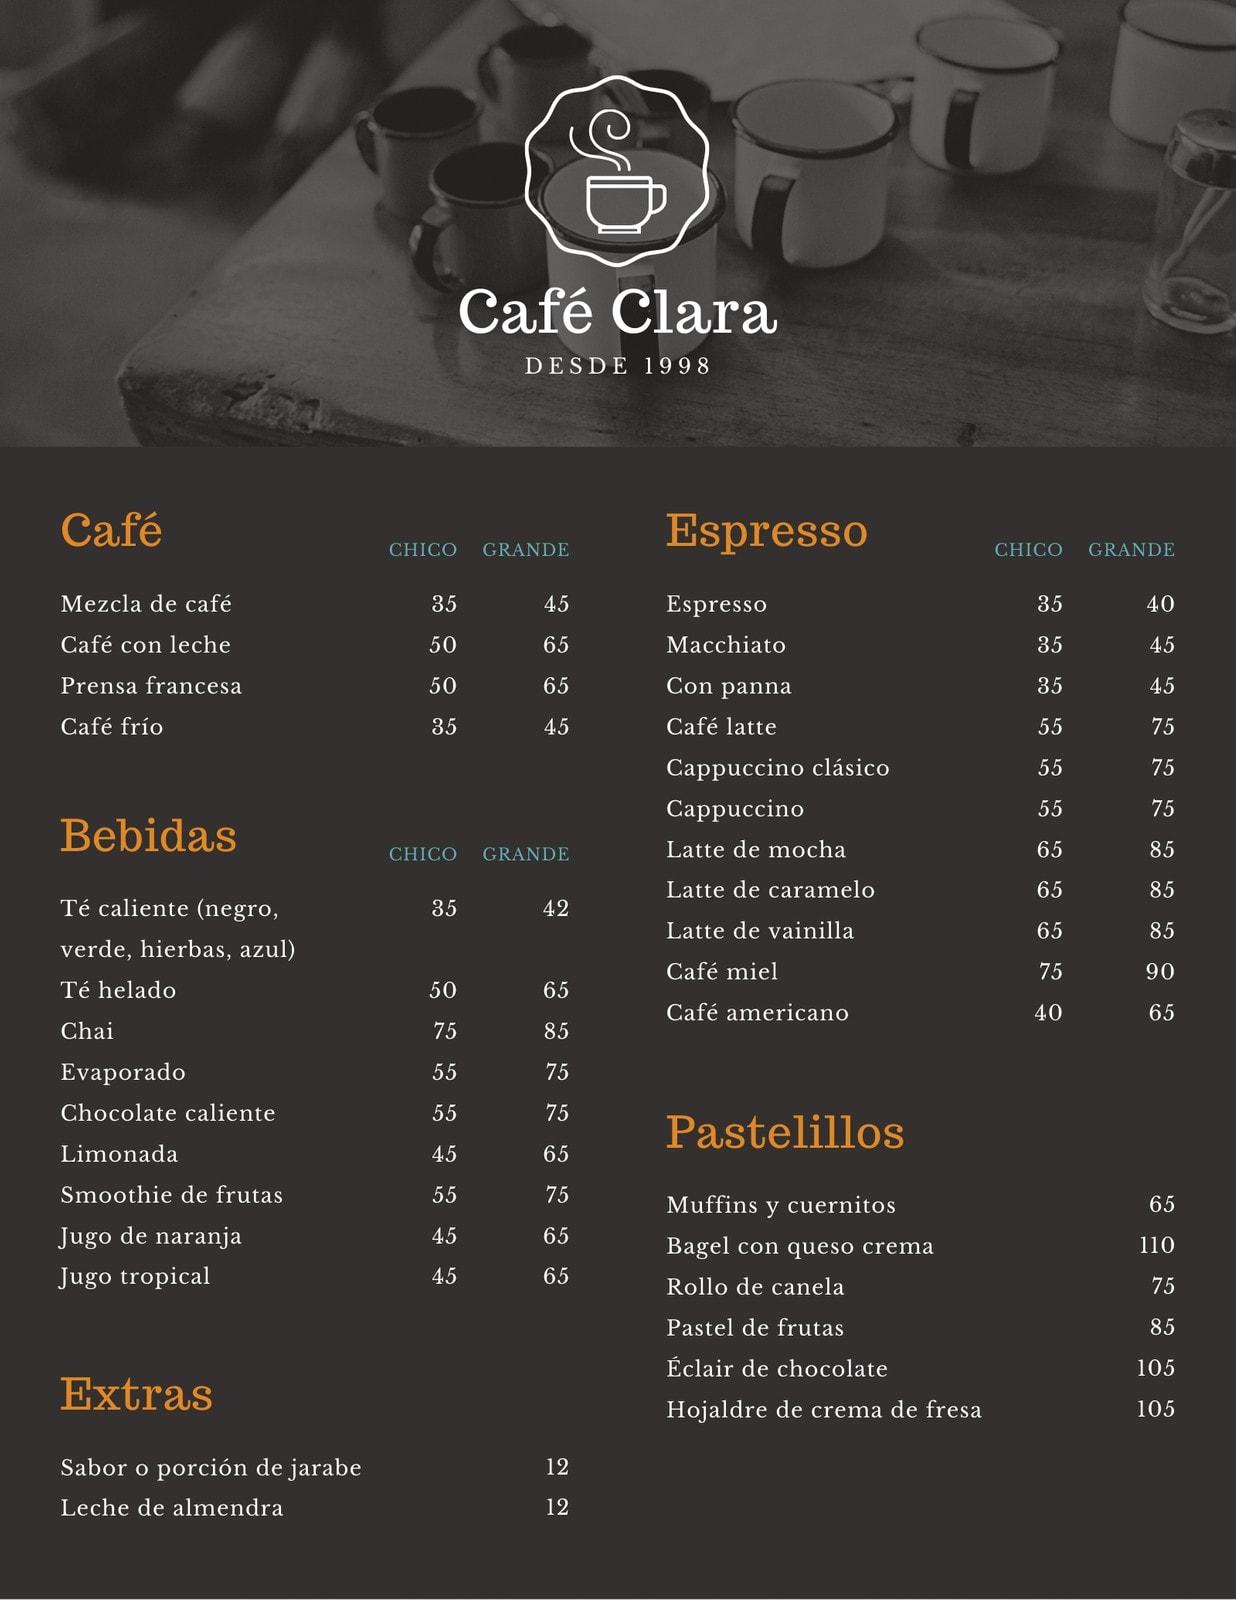 Marrón Obscuro Tazas Tienda Cafetería Menú